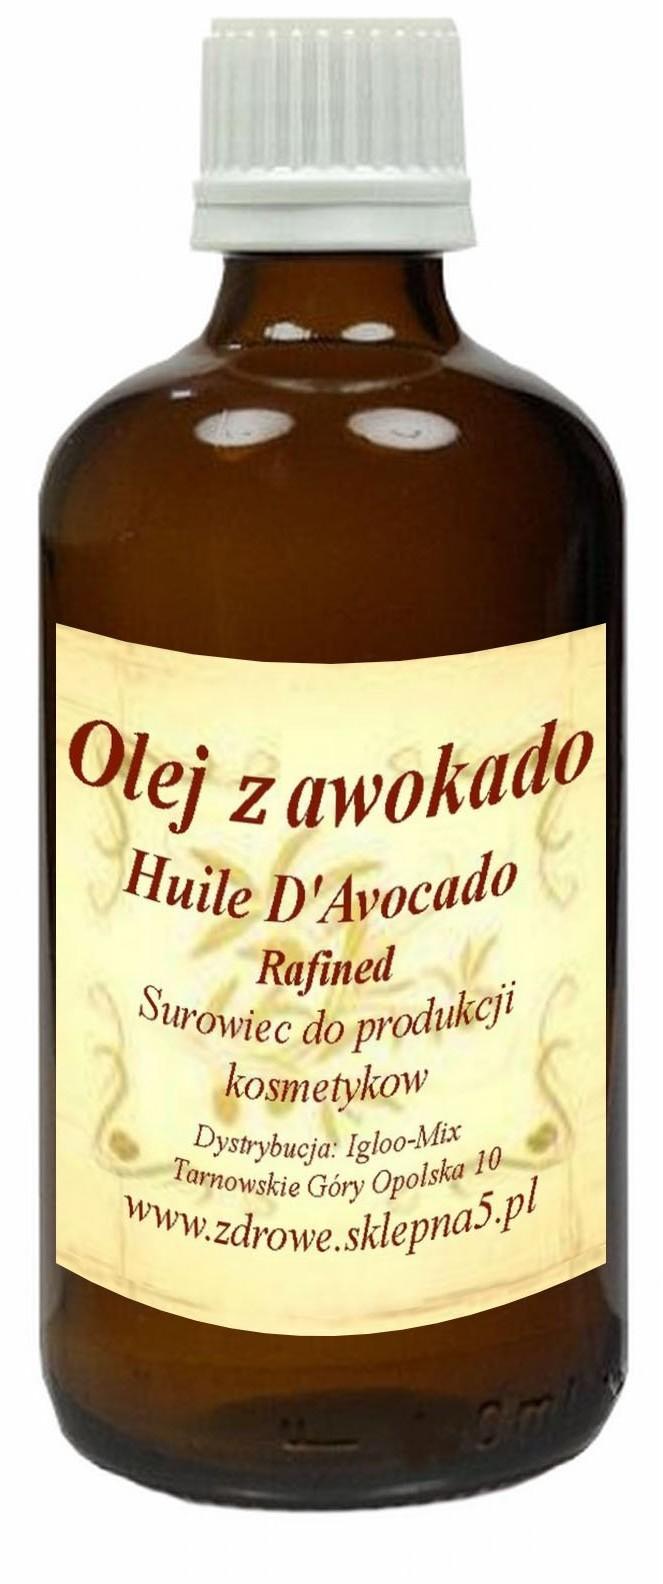 Olej z Awokado 250ml - Avocado